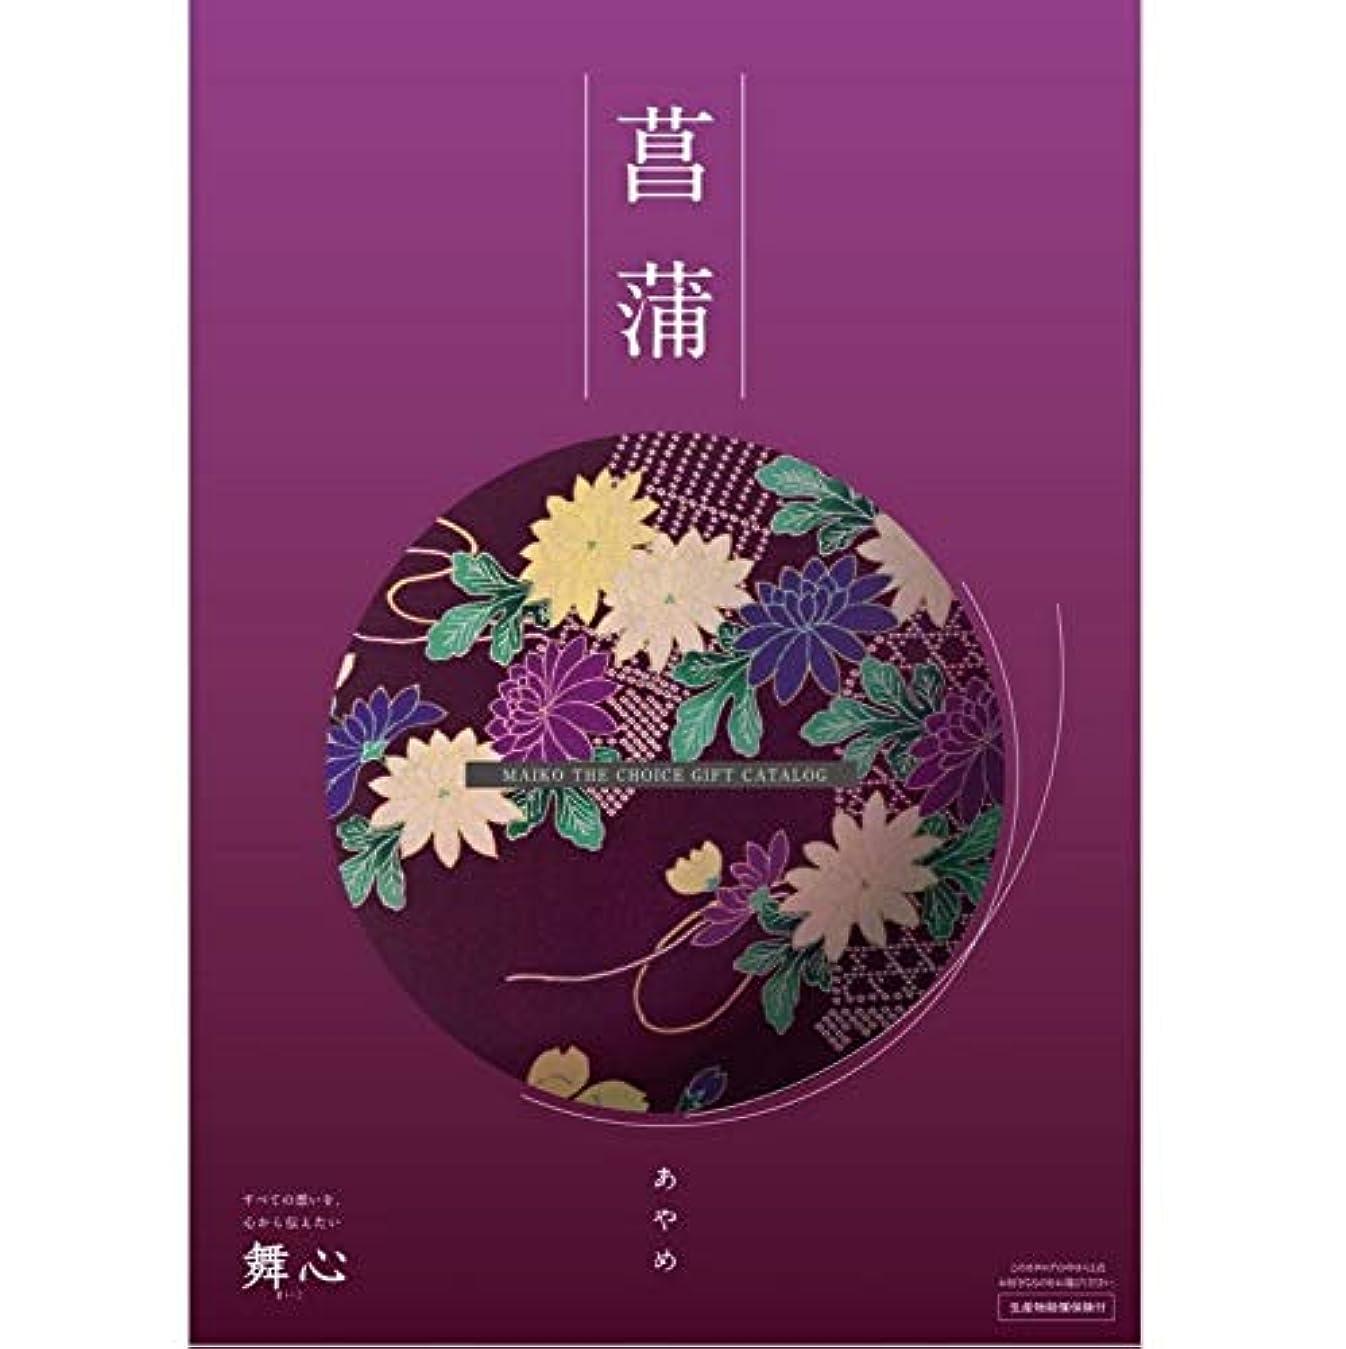 モロニック季節旅gift 舞心 選べる カタログ チョイス ギフト 和風 菖蒲(あやめ)コース MH-862